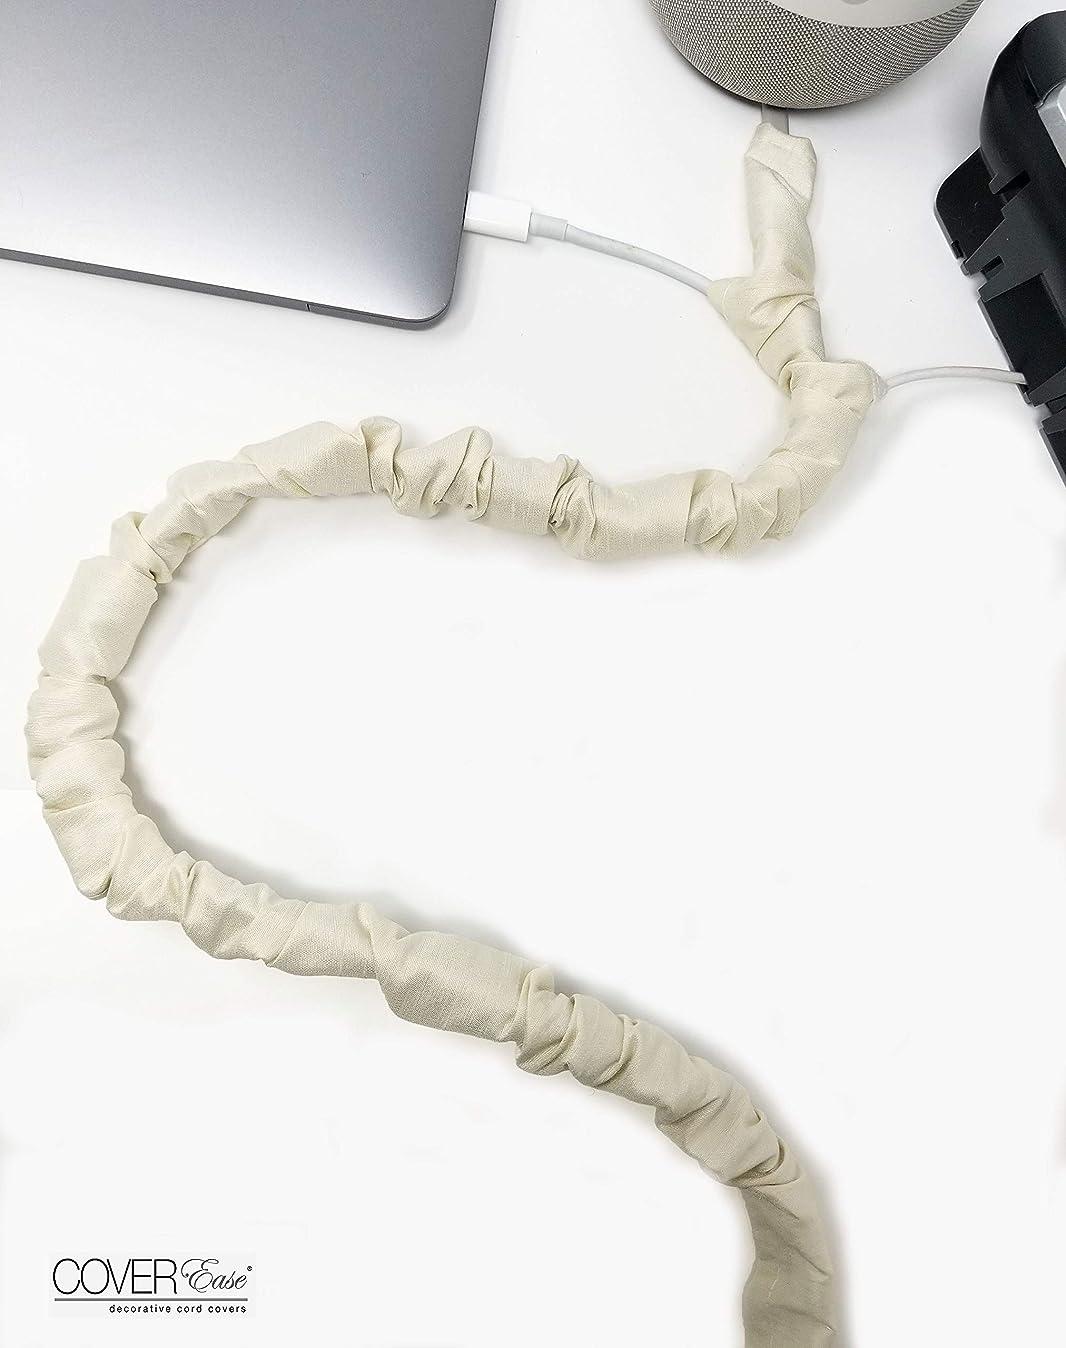 川知性雄弁なオフホワイトTランプコードカバー 薄型のフェイクシルク 長さ9フィート